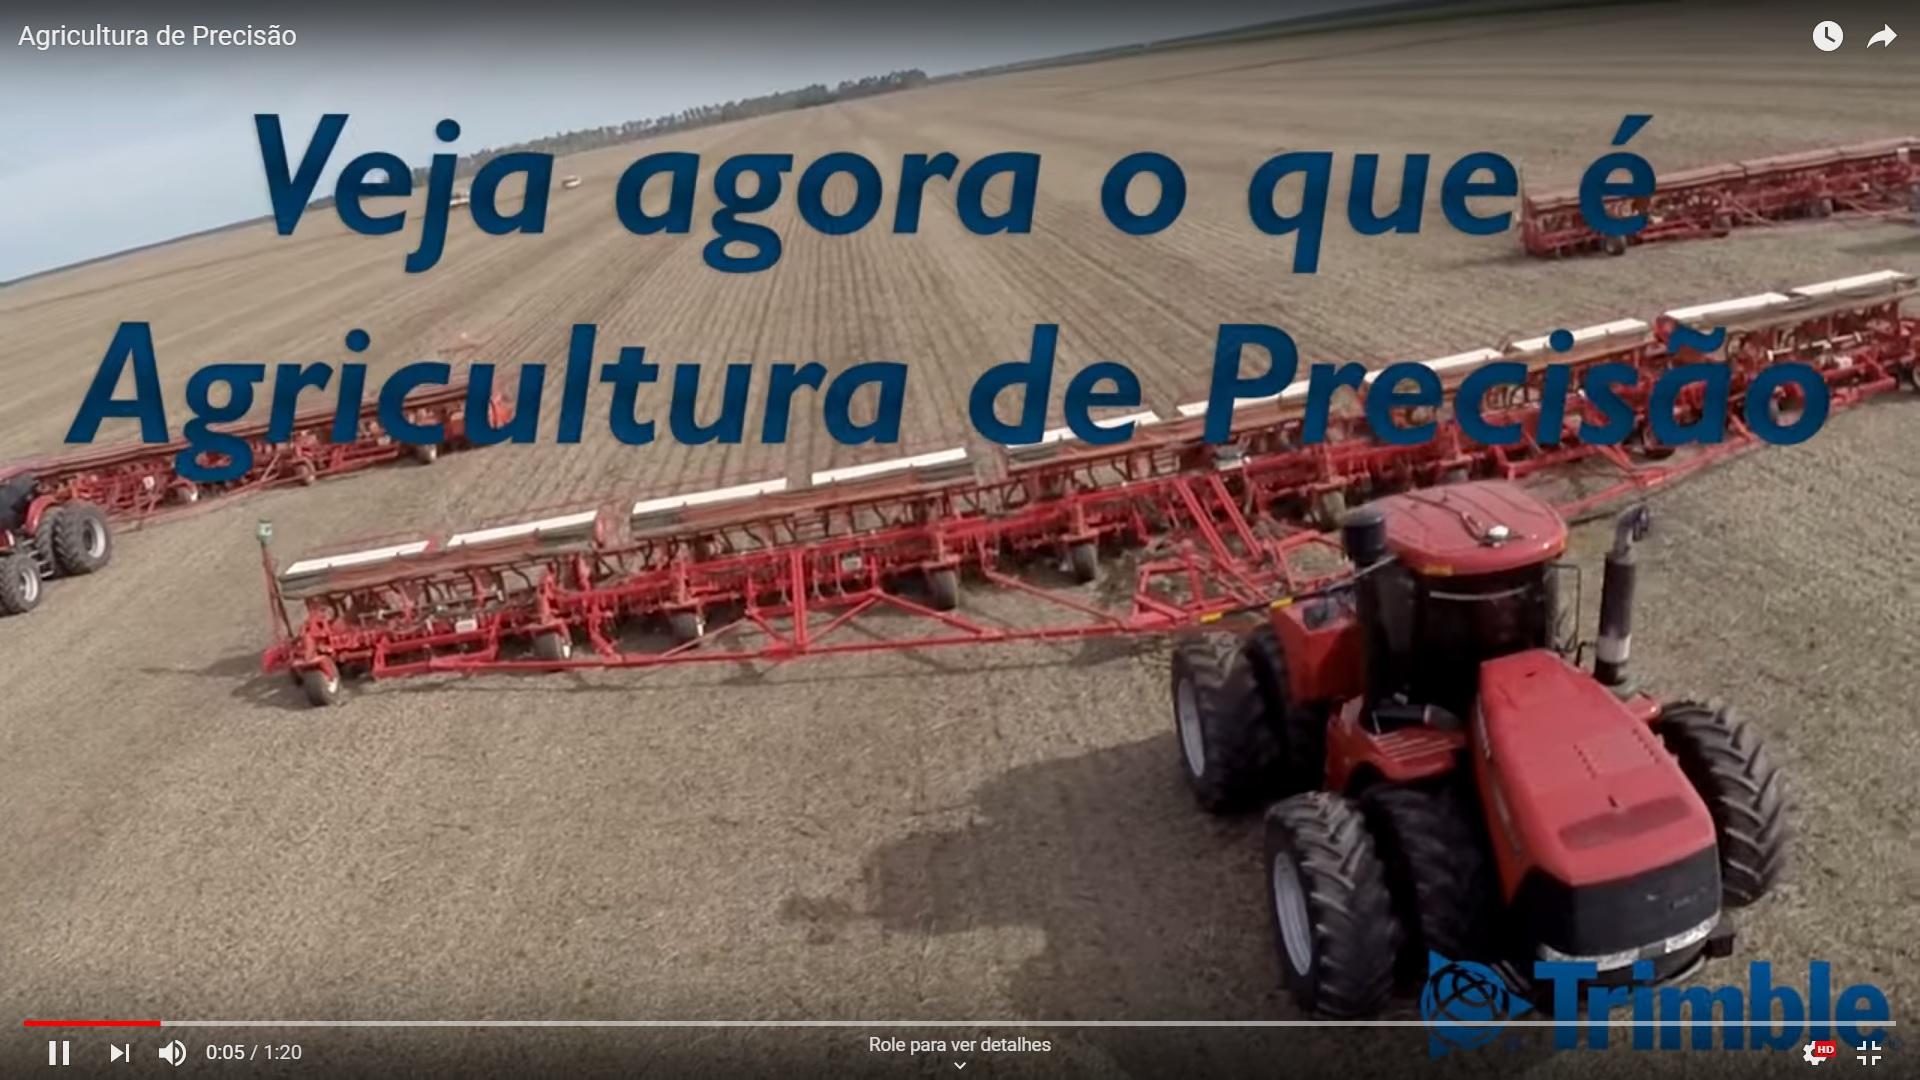 Agricultura de Precisão!